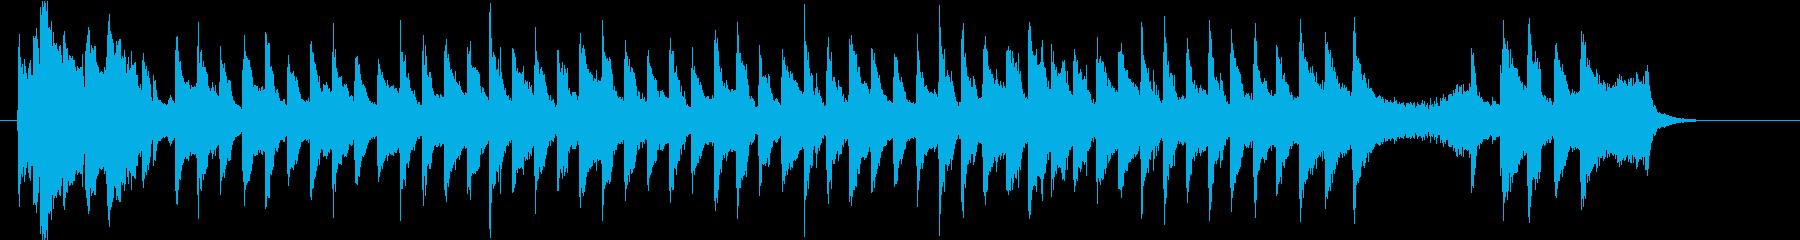 誕生日の歌(ワルツver) 【カラオケ】の再生済みの波形